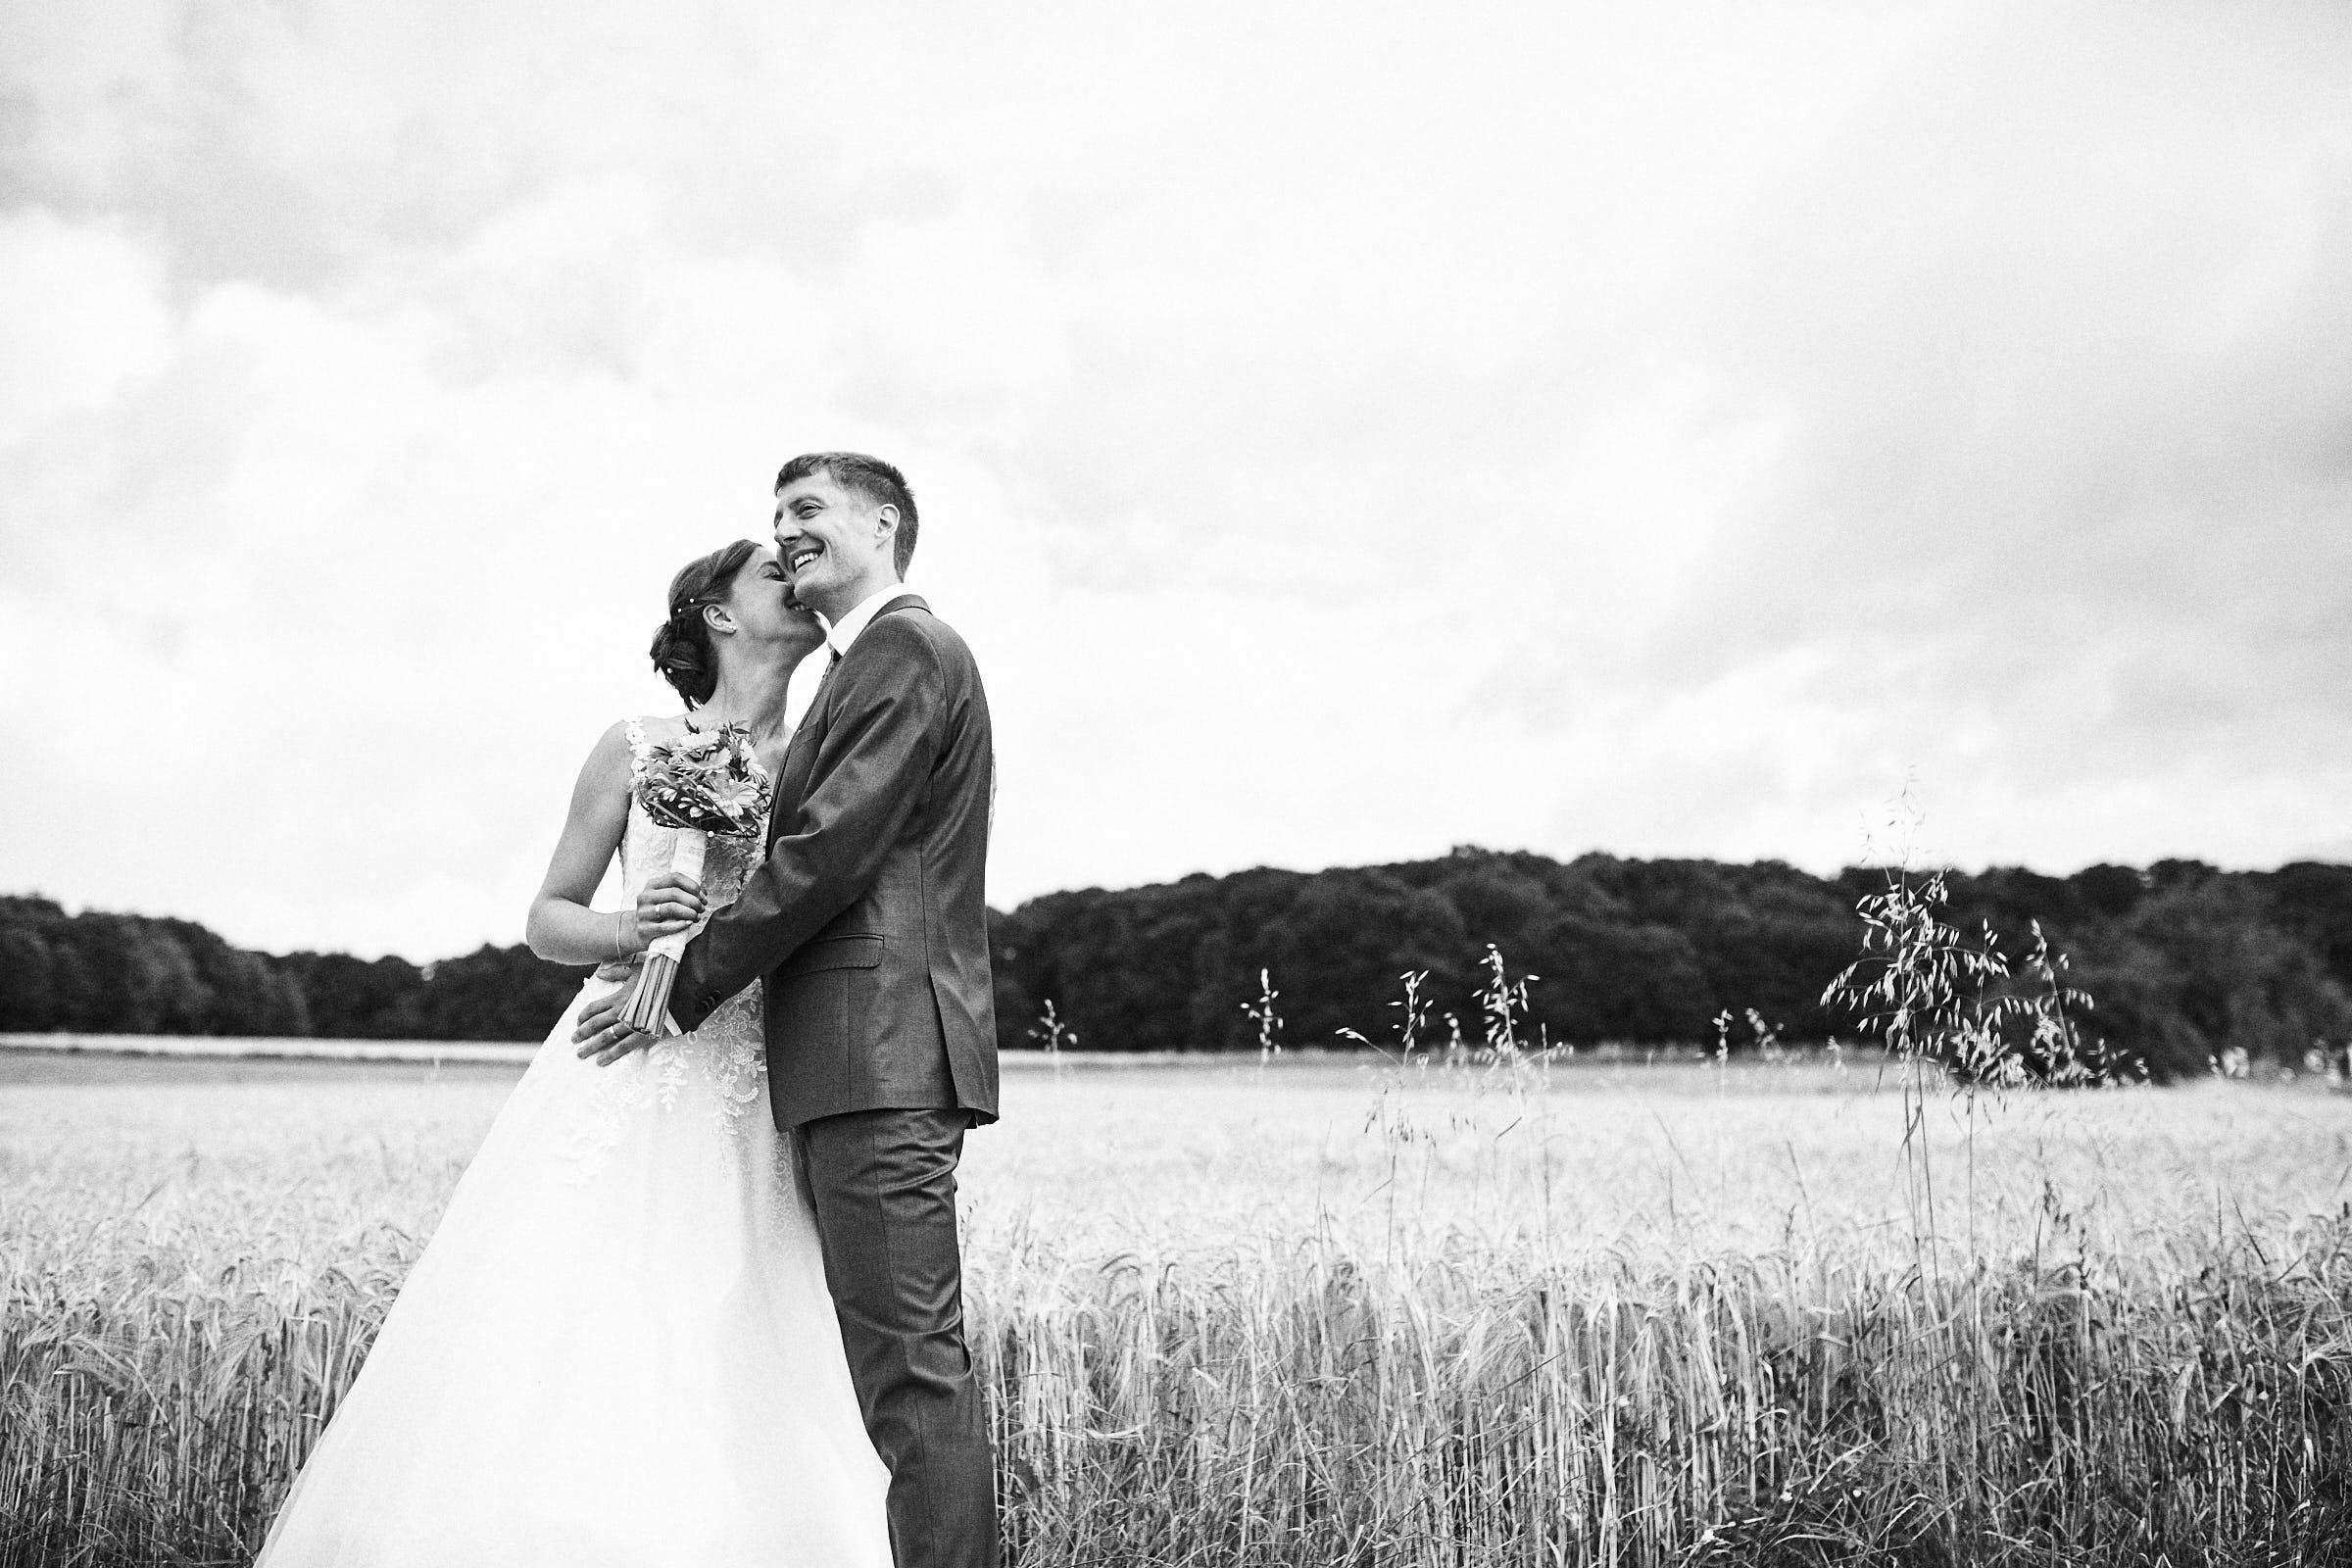 Fotoshooting mit Brautpaar im Kornfeld